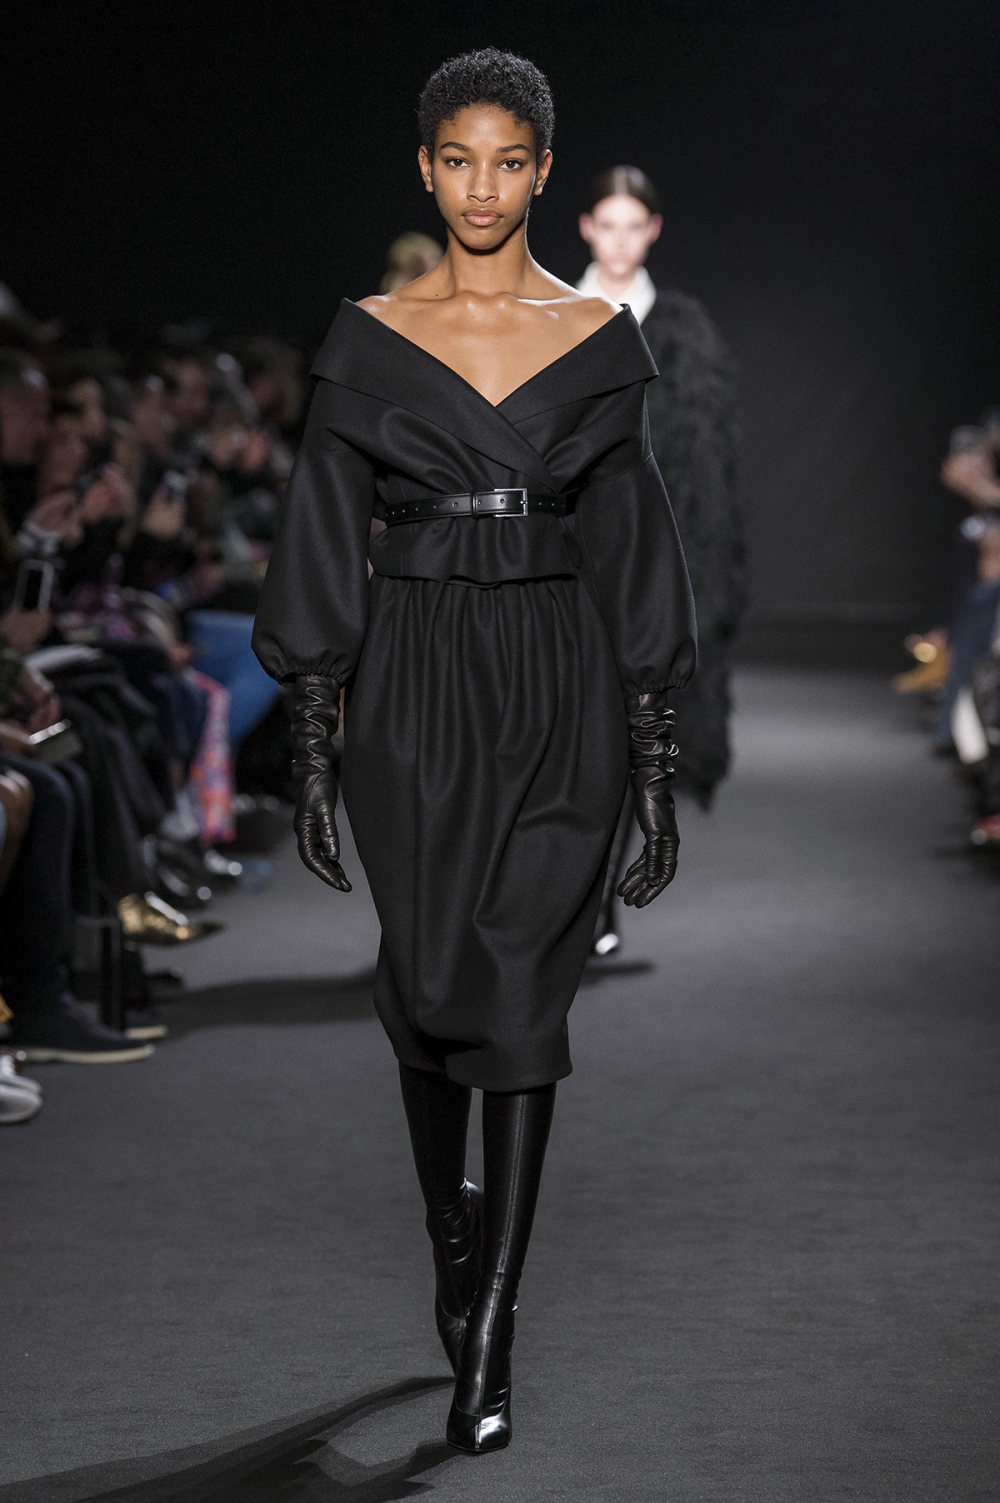 Rochas时装系列黑色无领斜纹软呢褶皱的黑色裙身饰有超细短袖衬衫-5.jpg